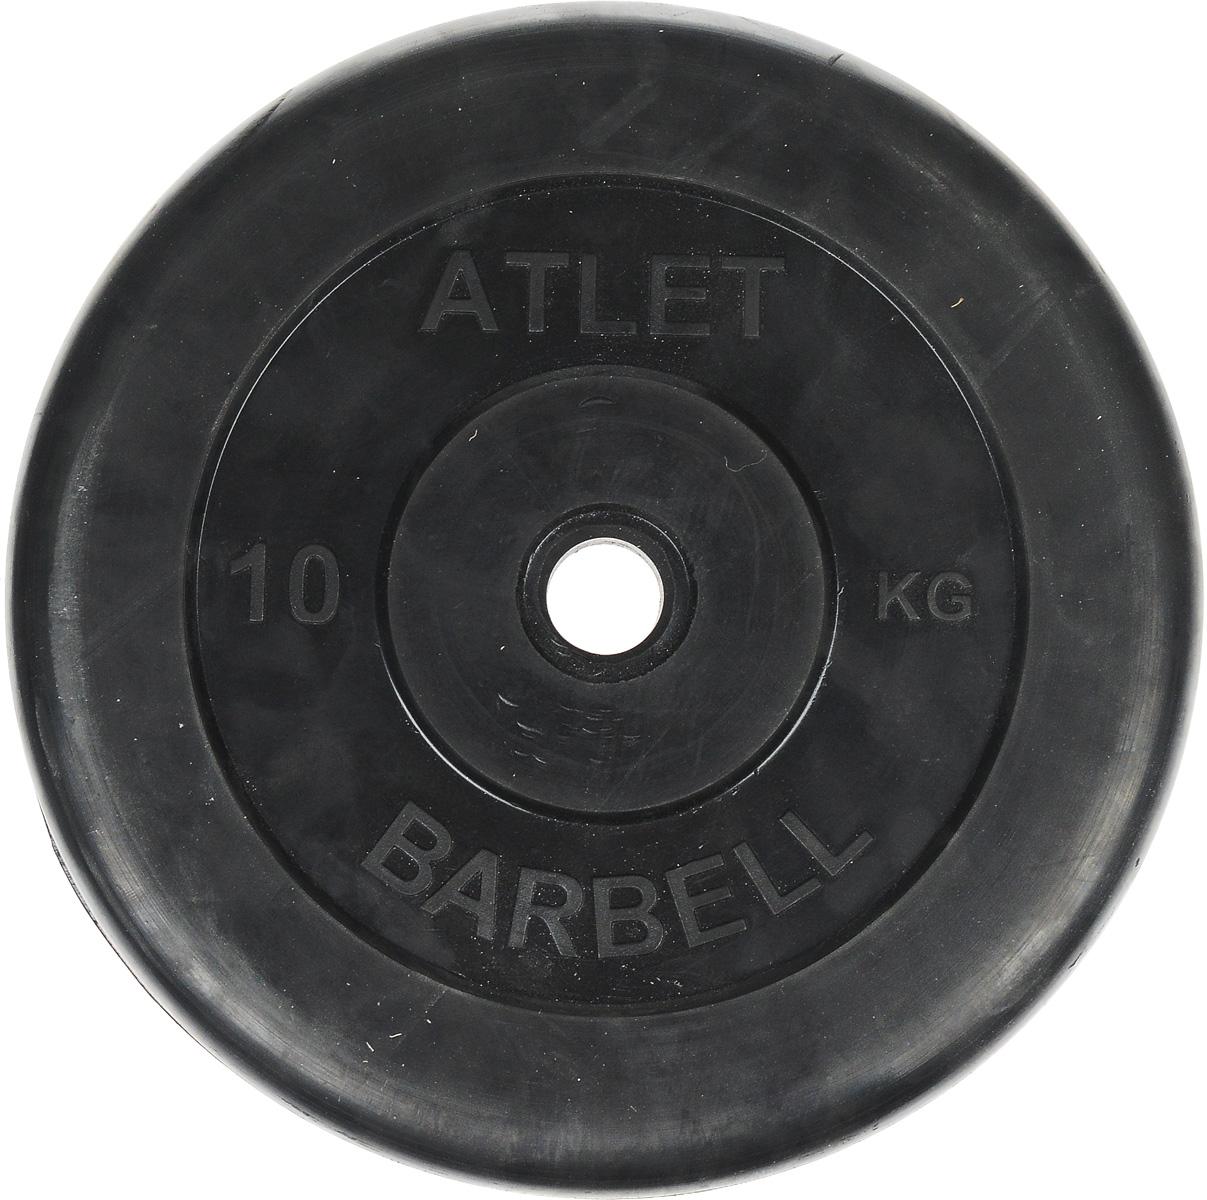 Диск обрезиненный MB Atlet, цвет: черный, 10 кгSF 0085Самым известным снарядом для силовых тренировок являются штанги и наборные гантели. За счет съемных дисков разного размера и массы вы можете оптимизировать собственную программу тренировки или с успехом следовать той, что разработал тренер. Меняя блины на штанге и постепенно увеличивая нагрузку, вы в состоянии добиться отличных результатов и без посещения тренажерного зала. Диски MB Atlet выполнены из вулканизированного каучука, внутри металлическая стружка.Наибольшее распространение для использования с гантелями получили диски с посадочным диаметром 26 мм, так называемого американского стандарта. Для домашних условий чаще всего применяются обрезиненные диски со специальным покрытием, которые не царапают пол и не гремят, не привлекая излишнее внимание соседей. Следует учитывать, что в процессе производства диска максимально допустимое отклонение веса может составлять +/- 50 г.Диаметр диска: 27 см.Толщина диска: 4 см.Посадочный диаметр: 2,6 см.